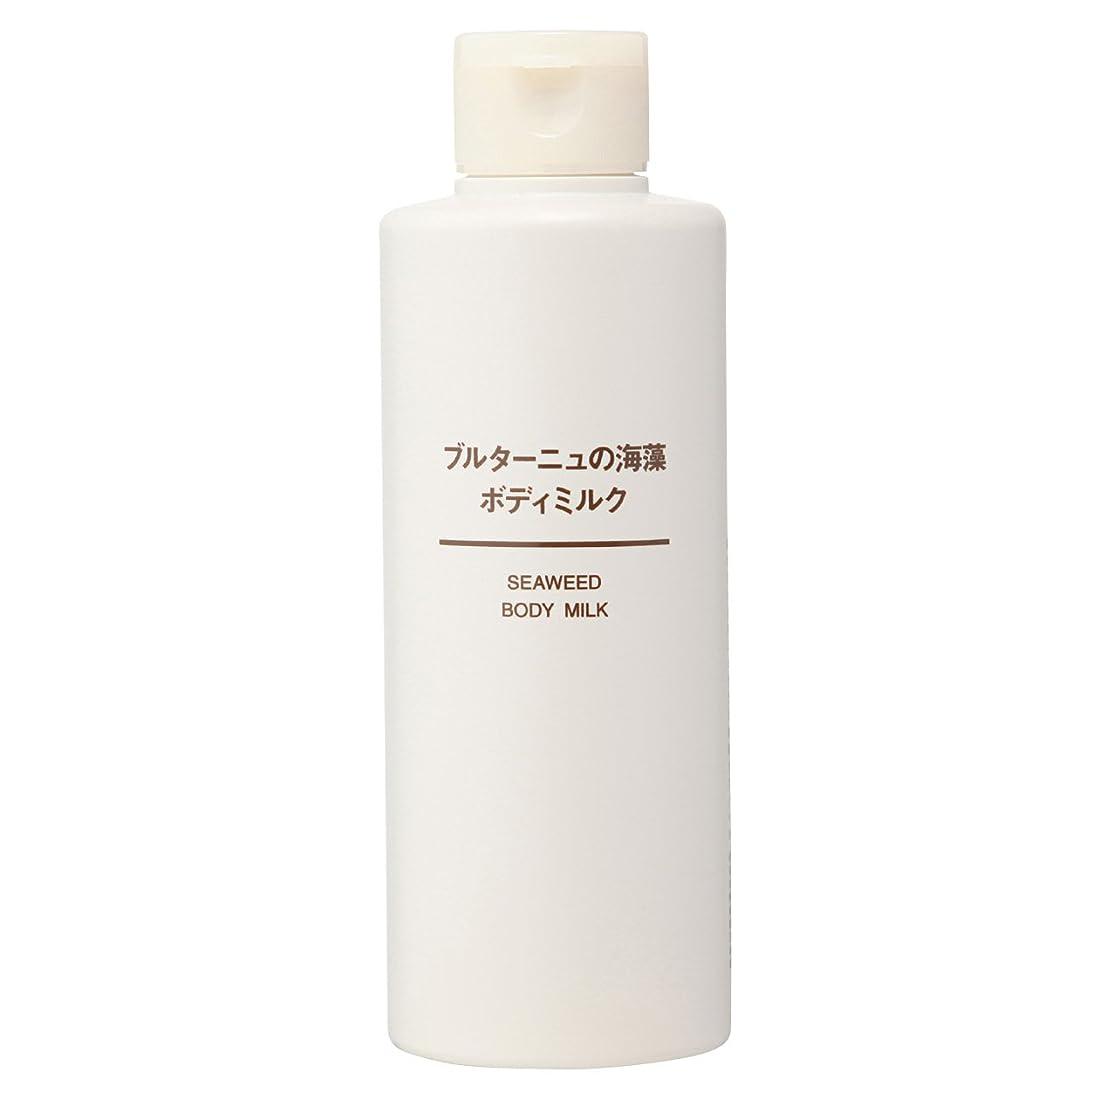 飼料ハチ誰でも無印良品 ブルターニュの海藻 ボディミルク 200ml 日本製